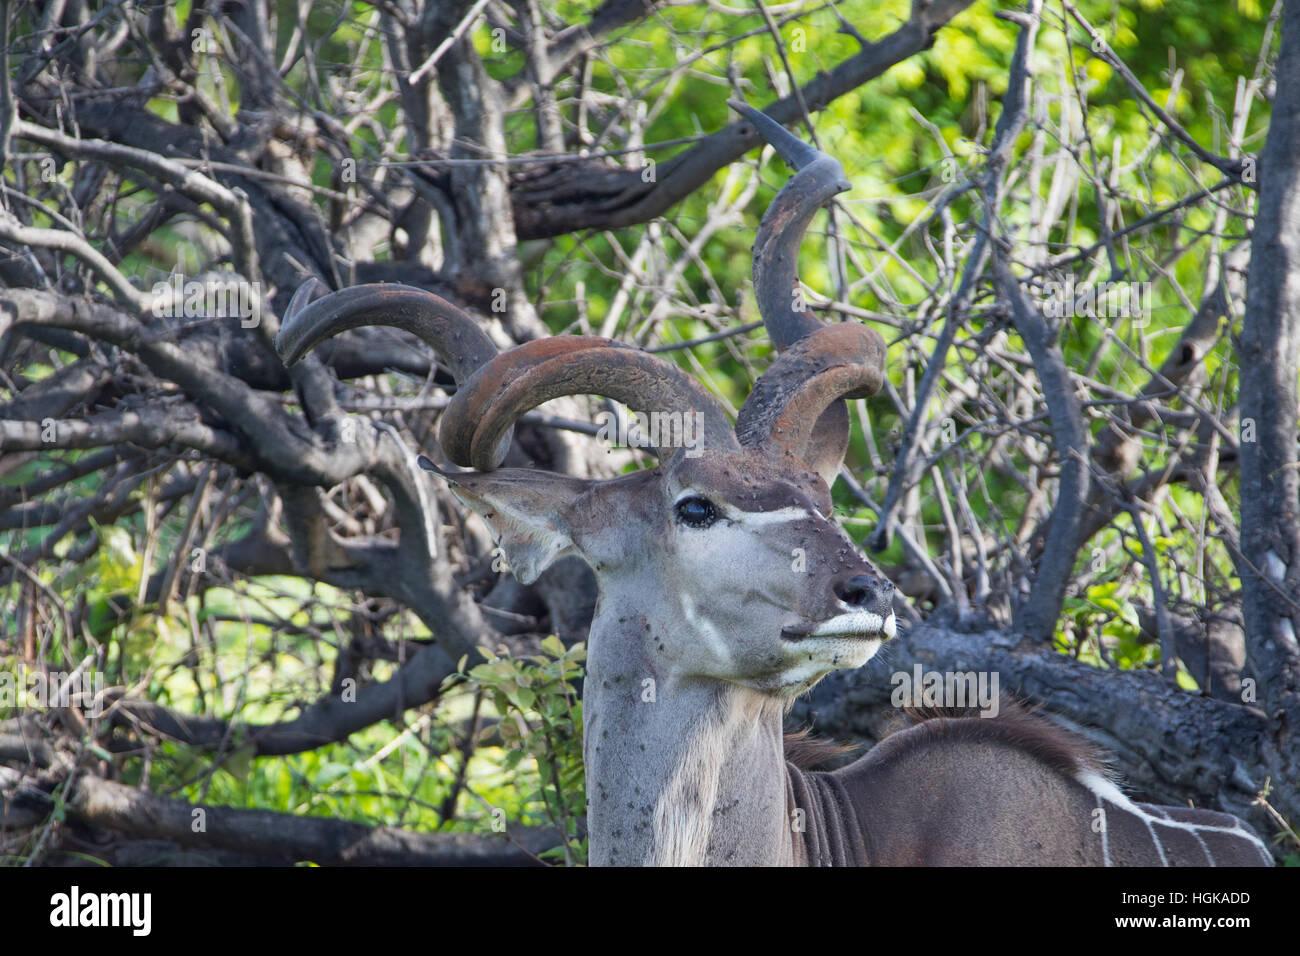 Greater Kudu, (Tragelaphus strepsiceros) Chobe National Park, Botswana, AfricaChobe National Park, Botswana, Africa - Stock Image